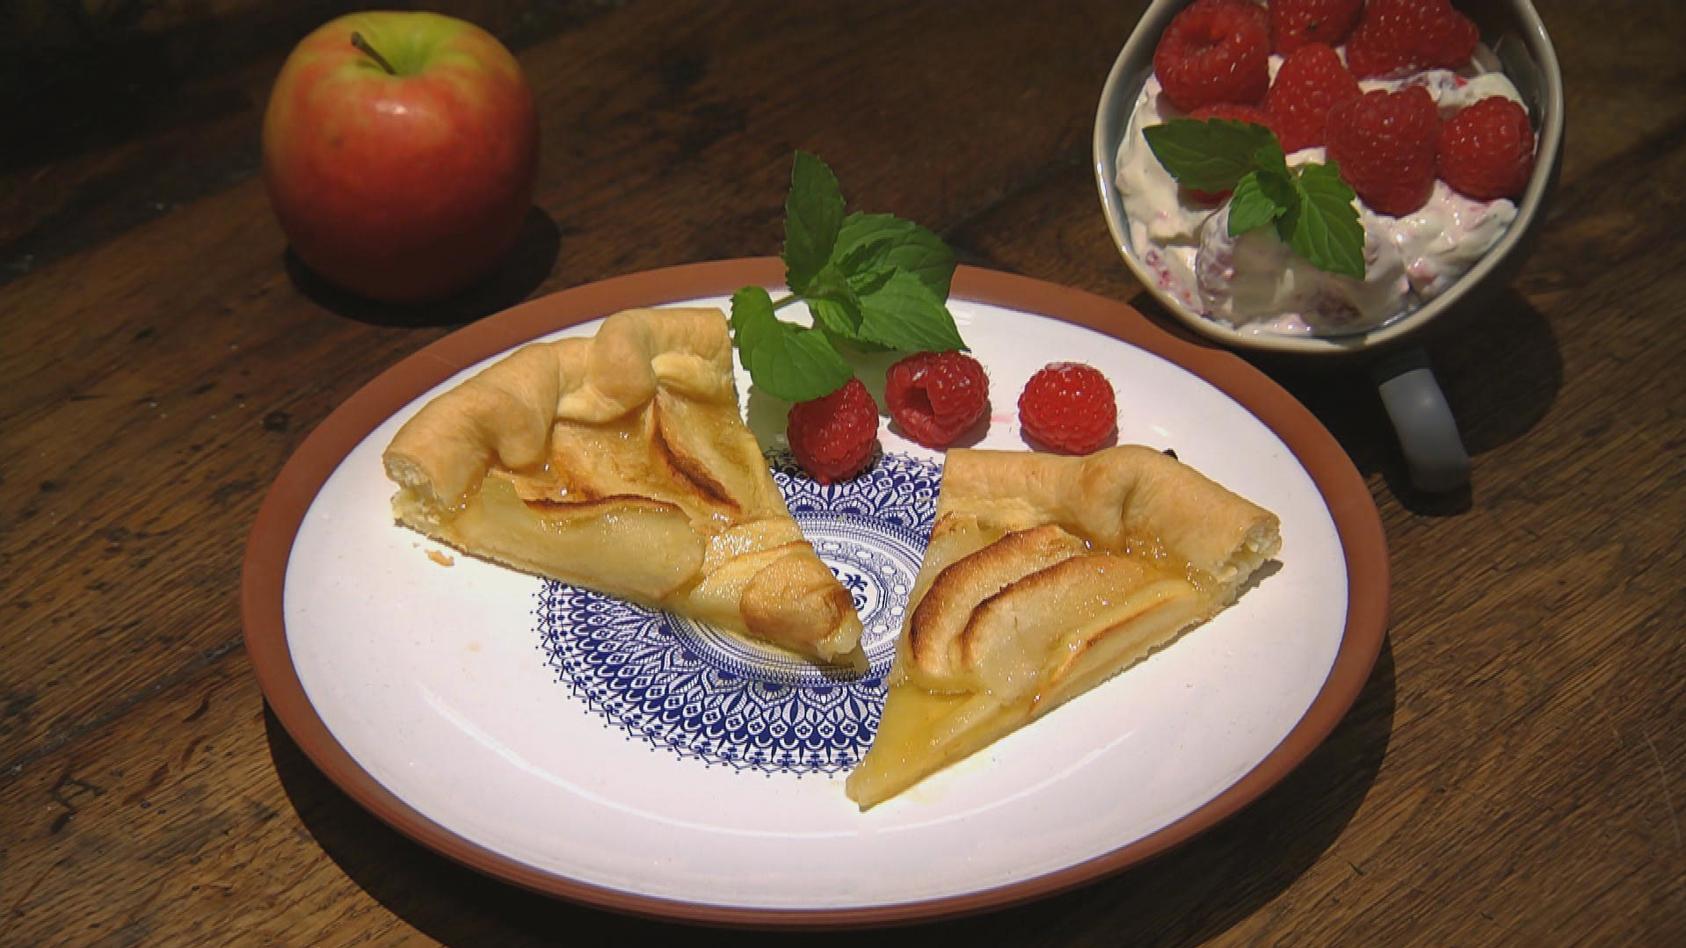 Weltreise – Zu Gast in Europa: Apfel-Tarte mit Himbeercreme